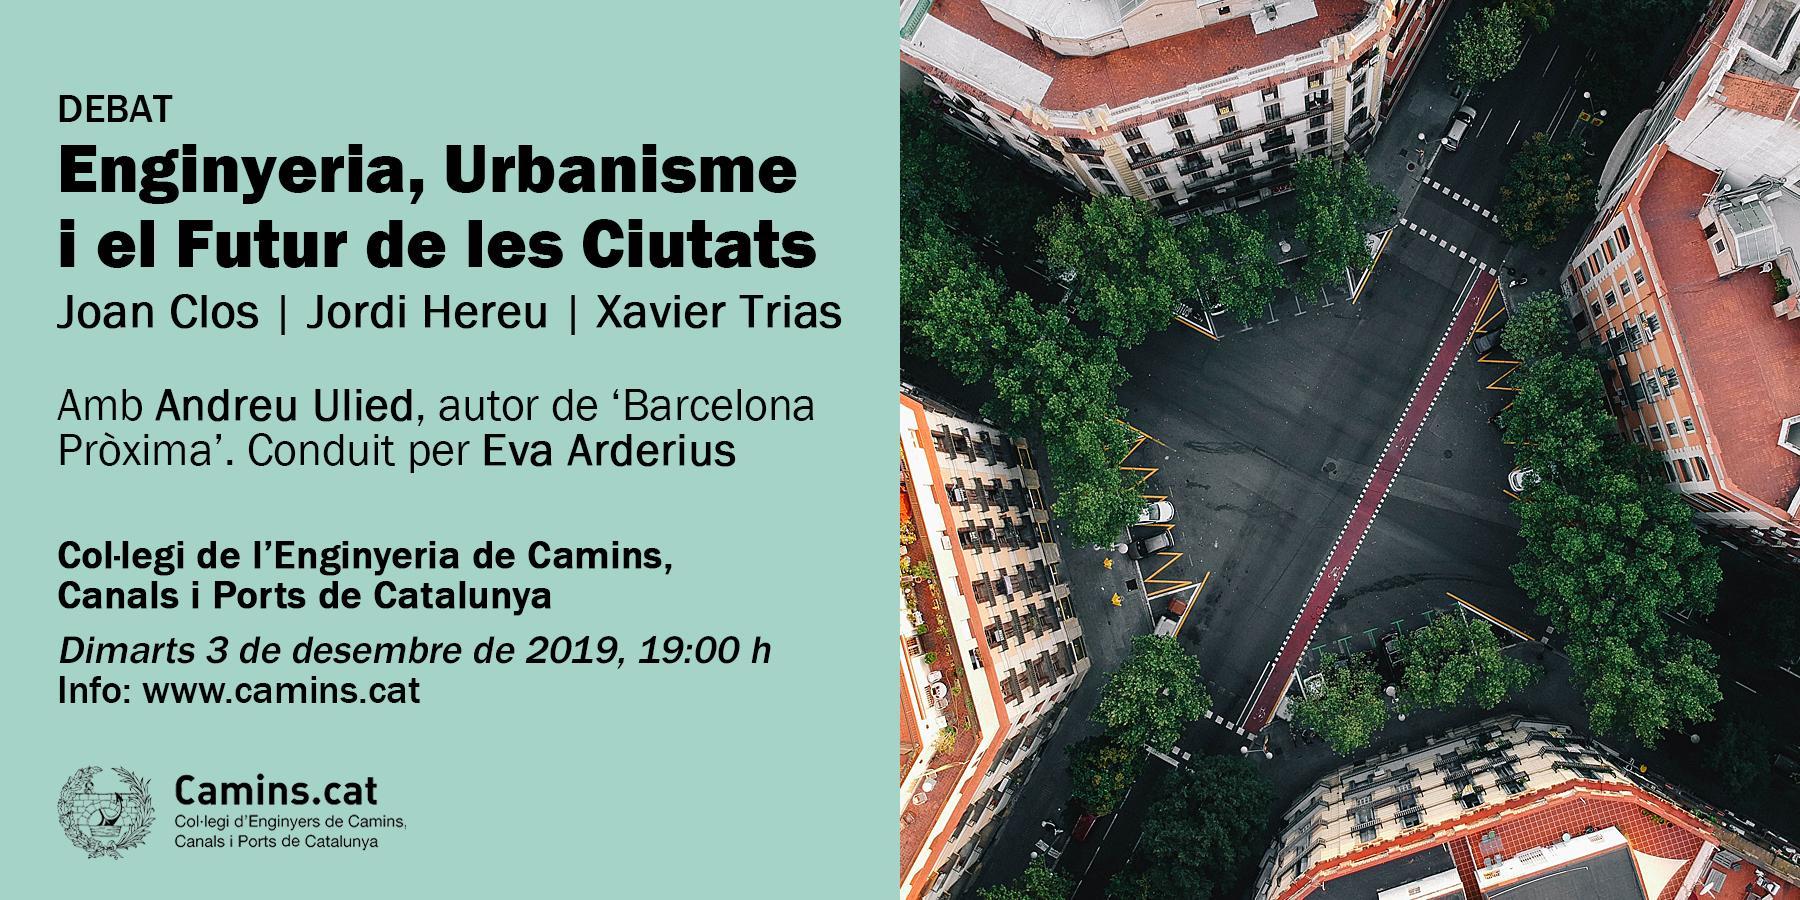 Debat: Enginyeria, Urbanisme I El Futur De Les Ciutats